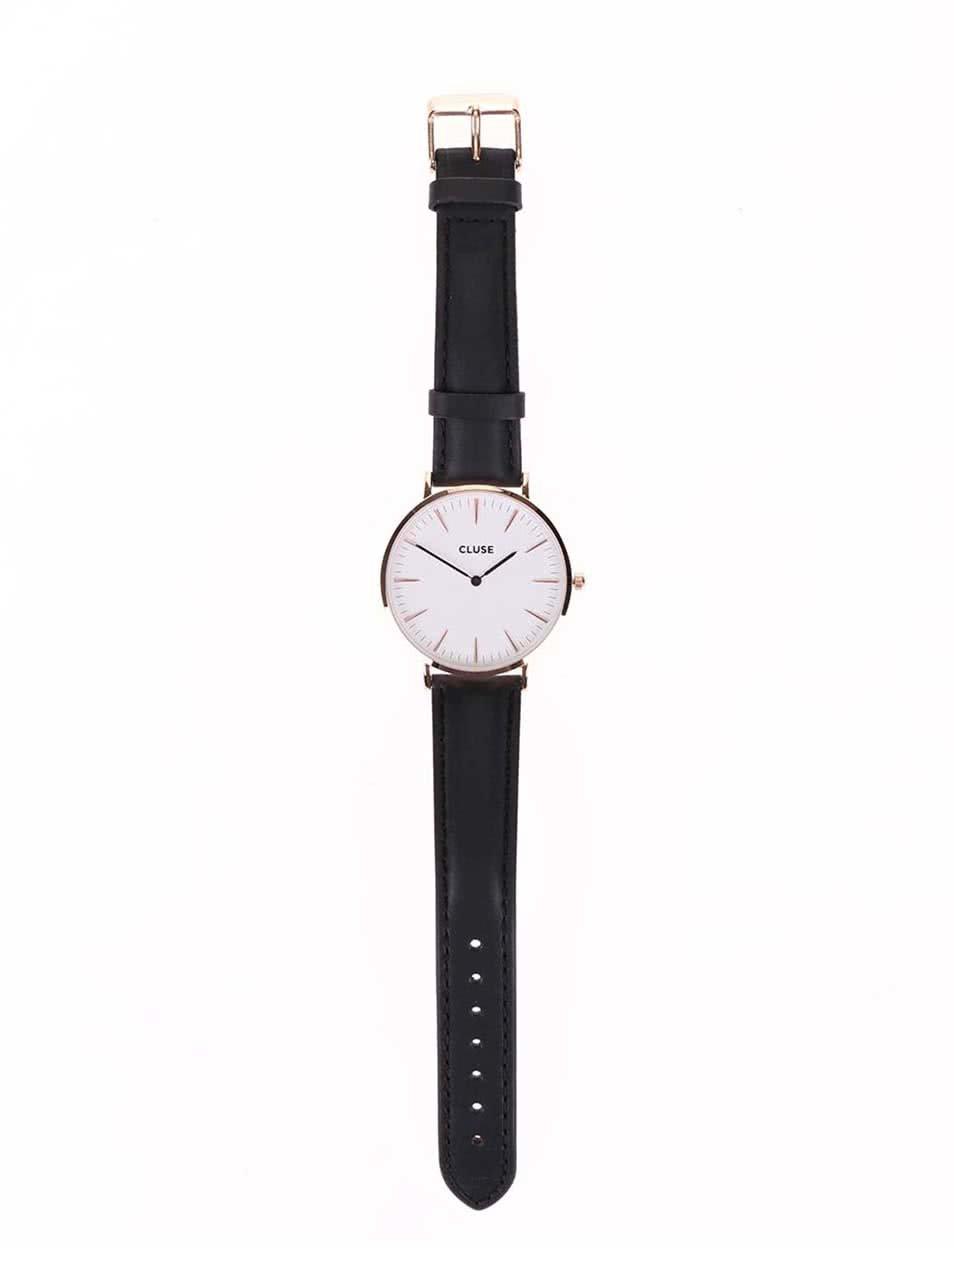 Bílo-černé dámské kožené hodinky CLUSE La Bohème Rose Gold ... fa82fd7772